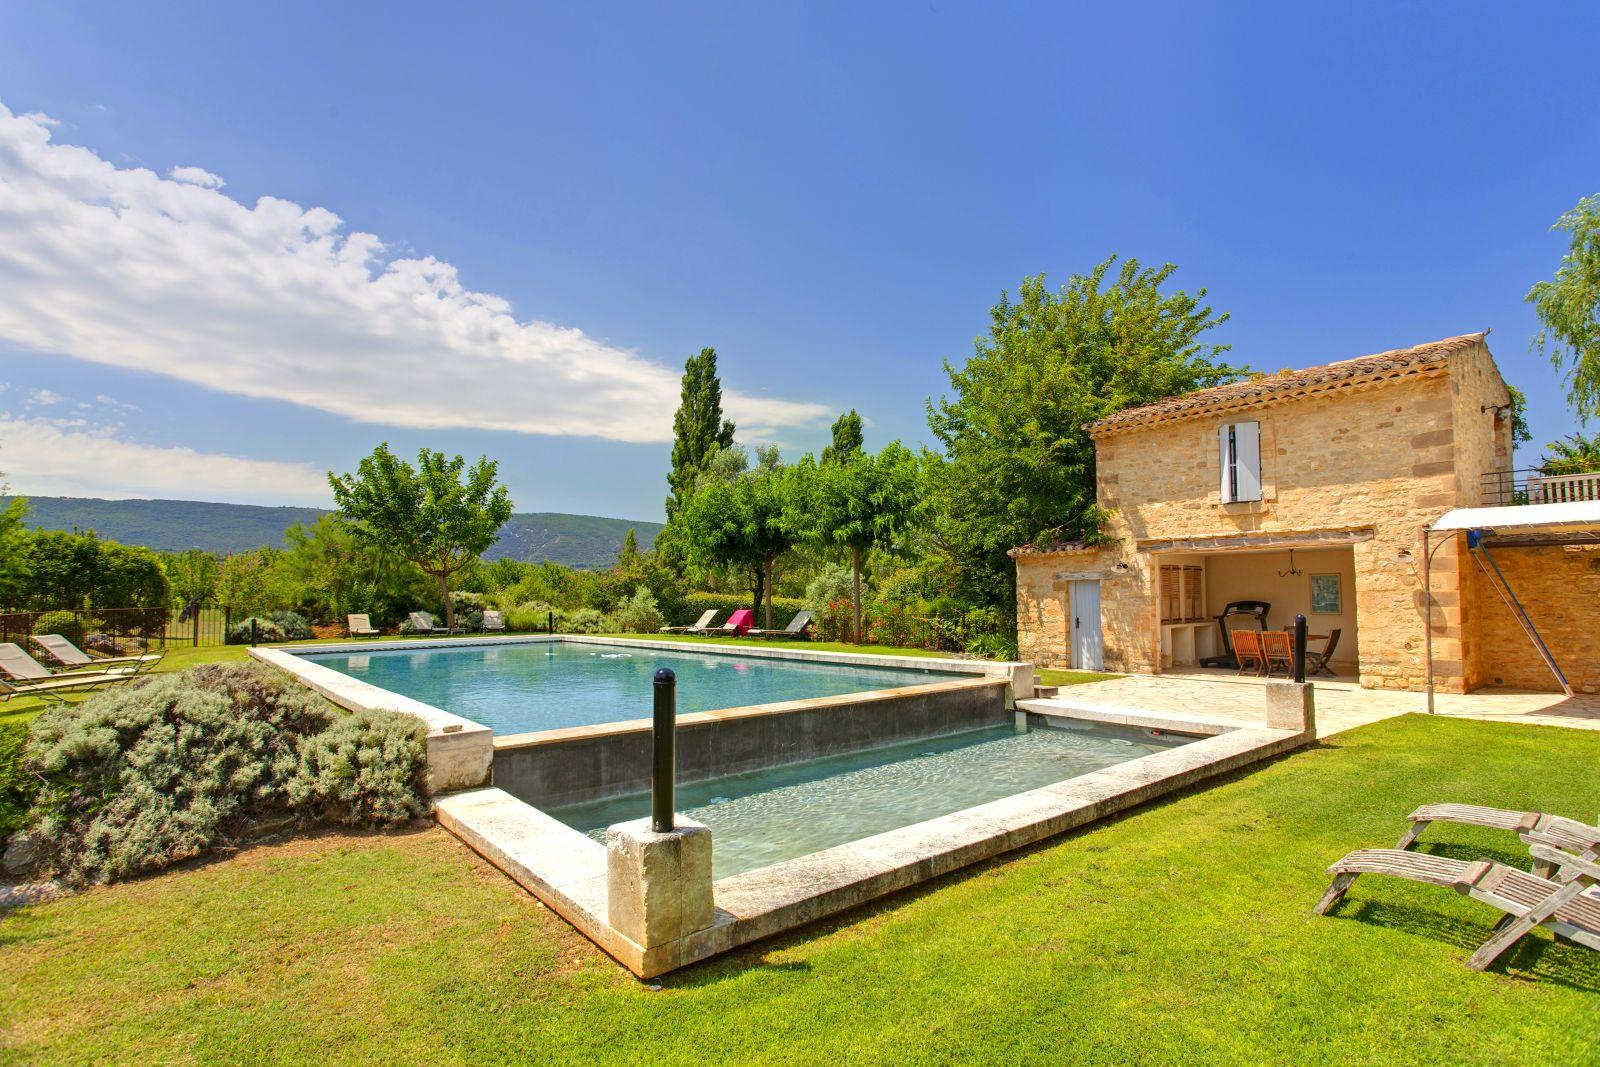 Provence Location Villa Luxe Luberon Avec Piscine Privee Chauffee serapportantà Location Luberon Avec Piscine